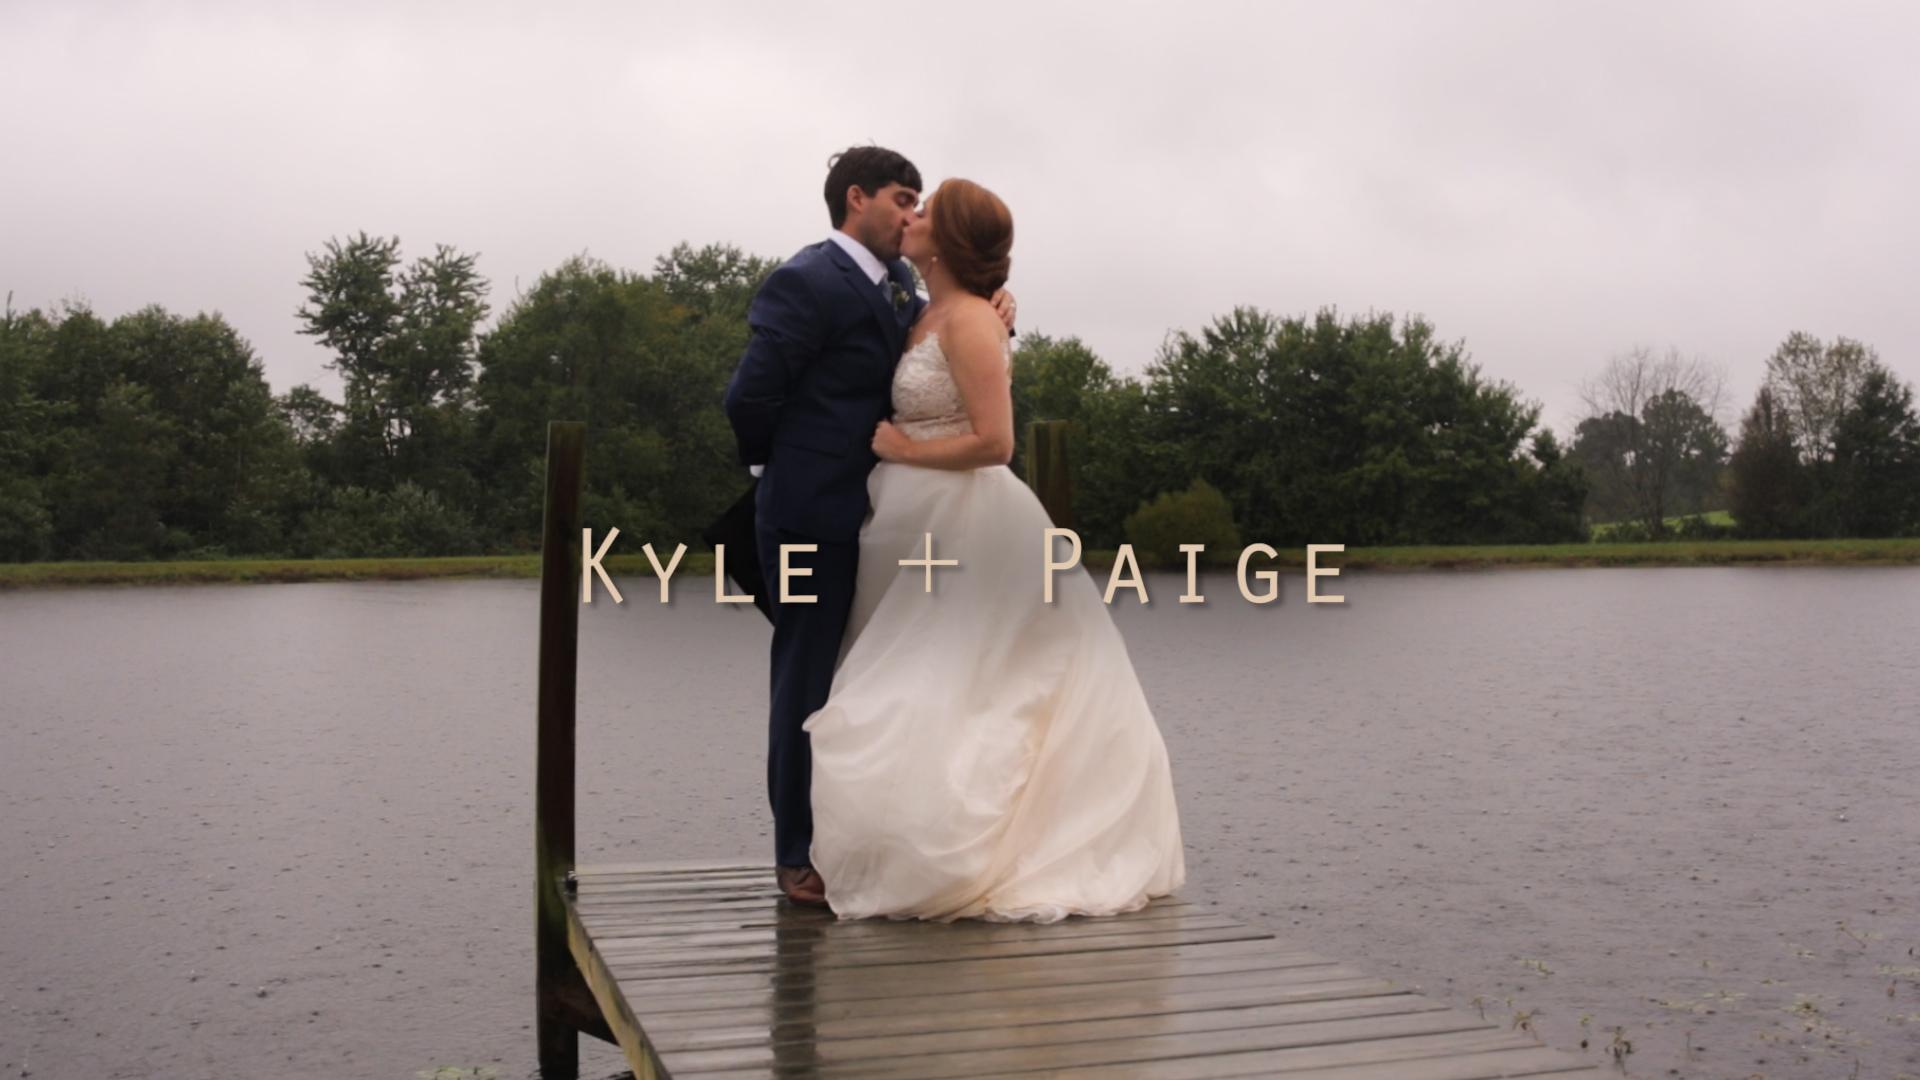 Kyle + Paige | Elizabethtown, Kentucky | The Brides Parents Farm